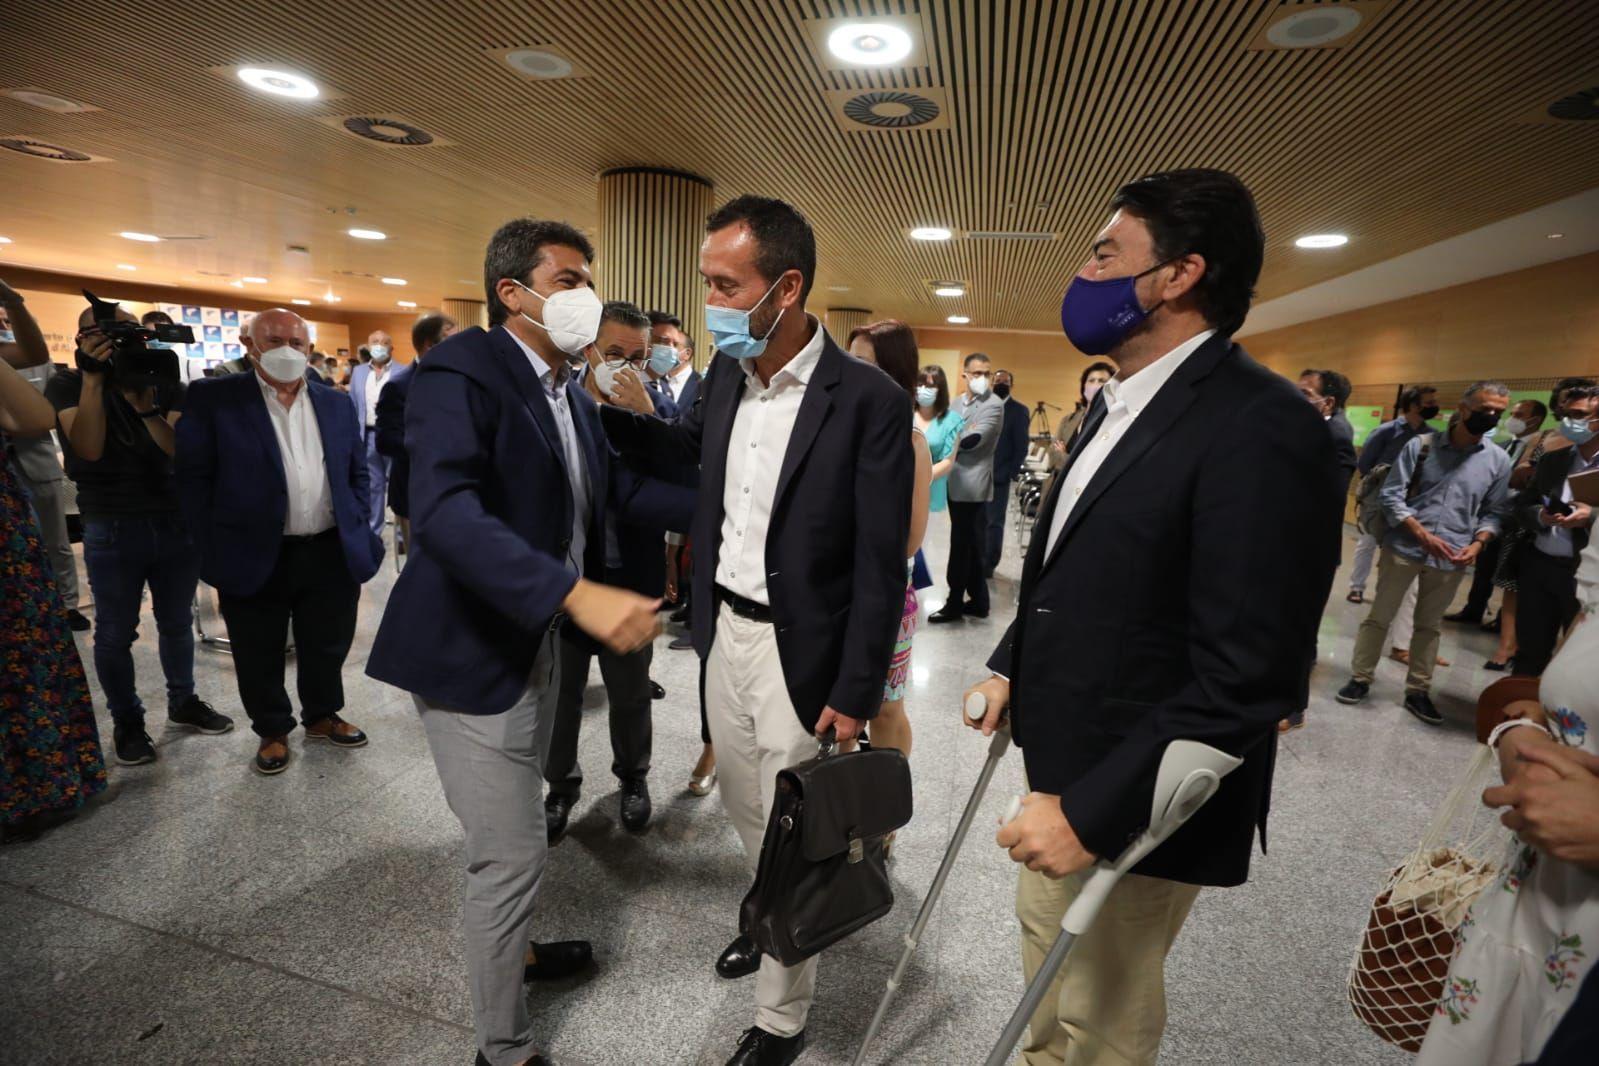 Patronal y alcaldes piden diálogo e infraestructuras para fortalecer el eje Alicante-Elche